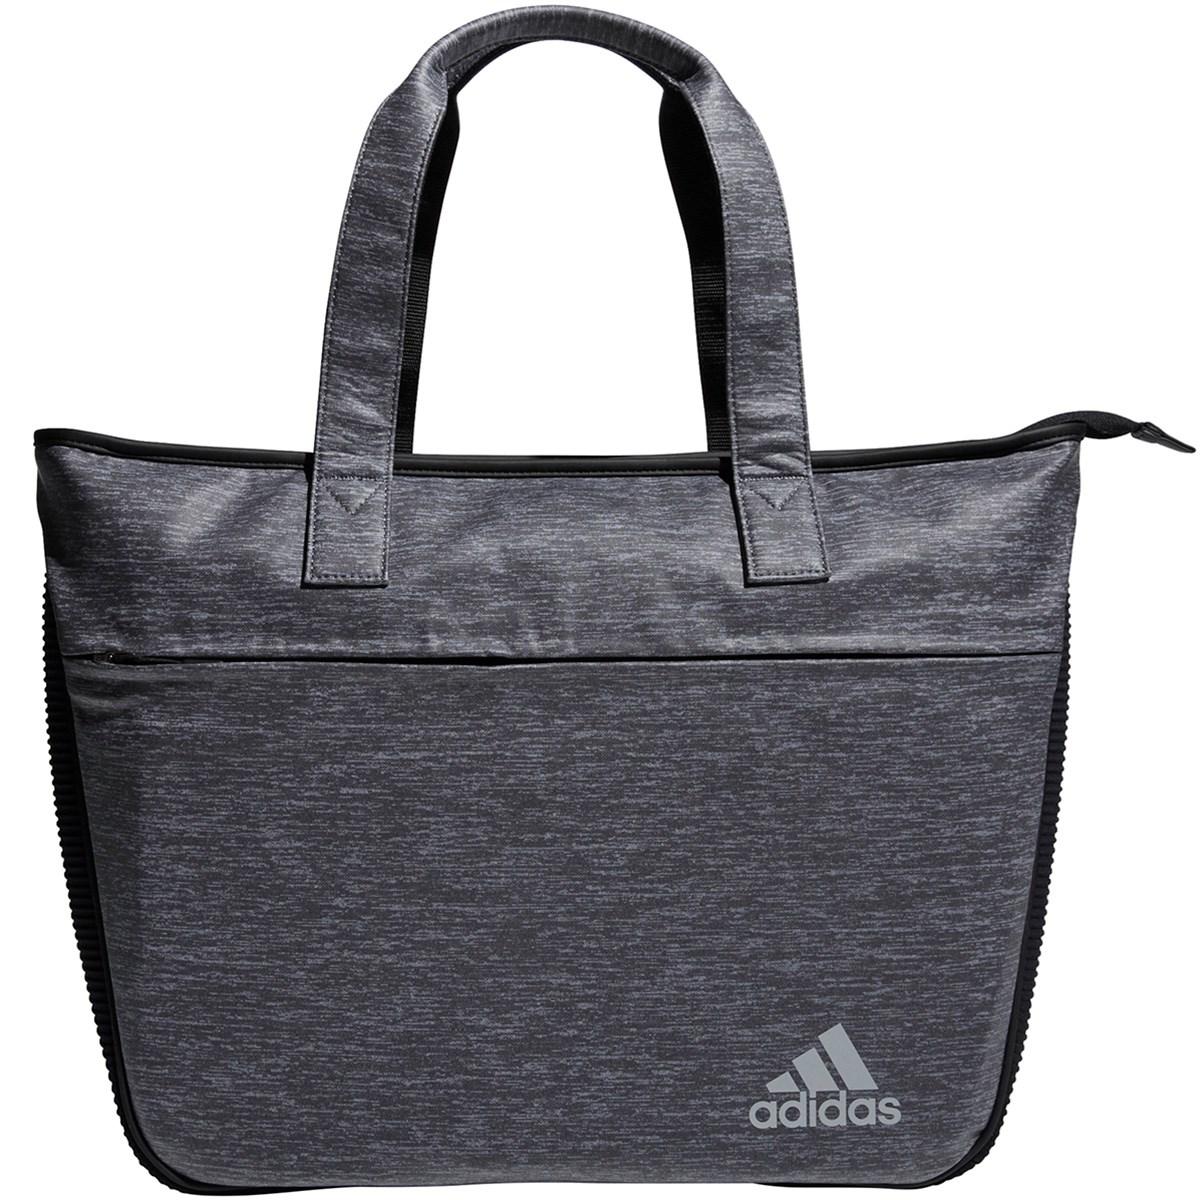 アディダス Adidas コーティングヘザー トートバッグ ブラック